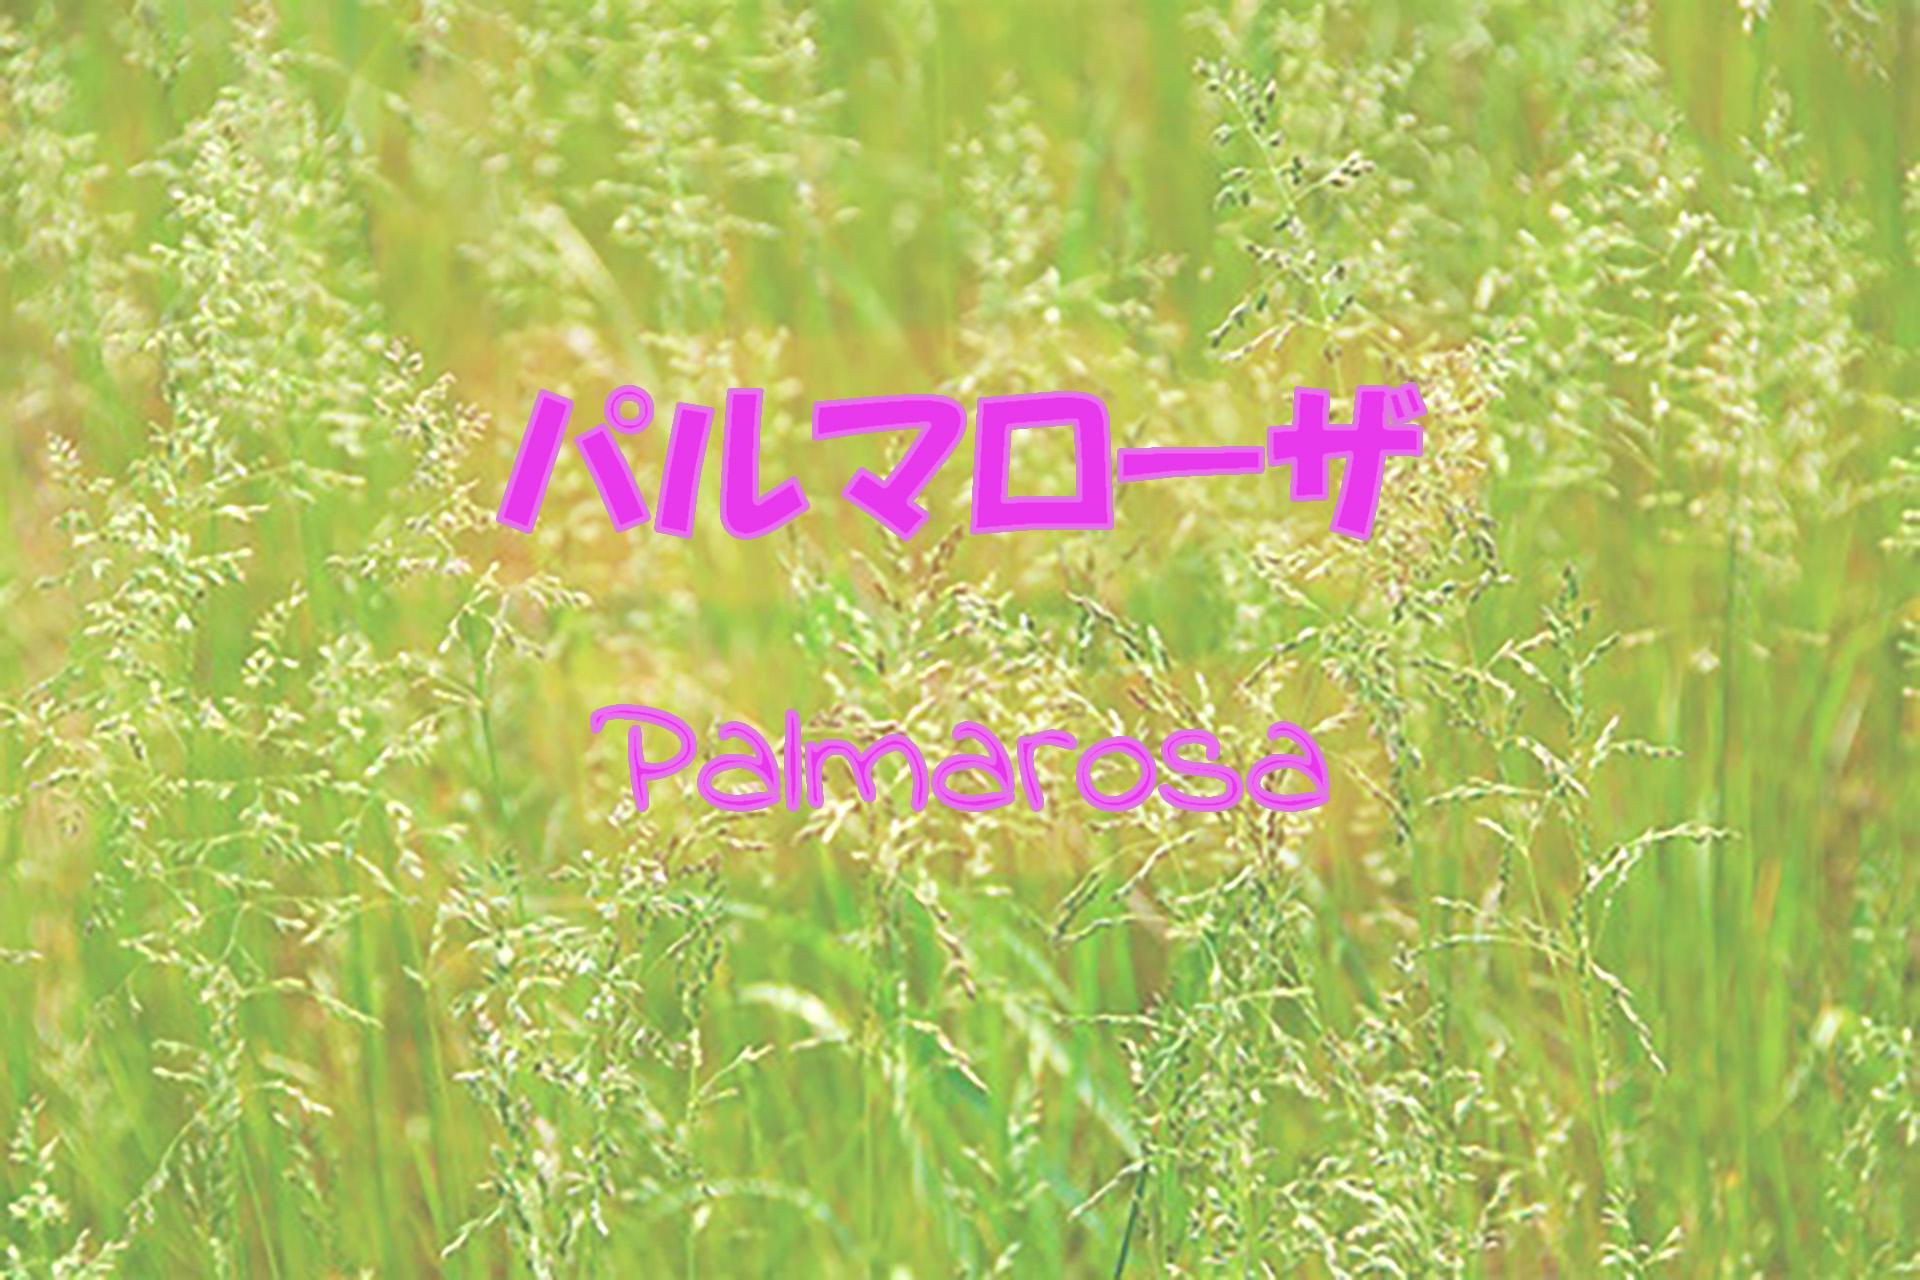 palmarosa_191117